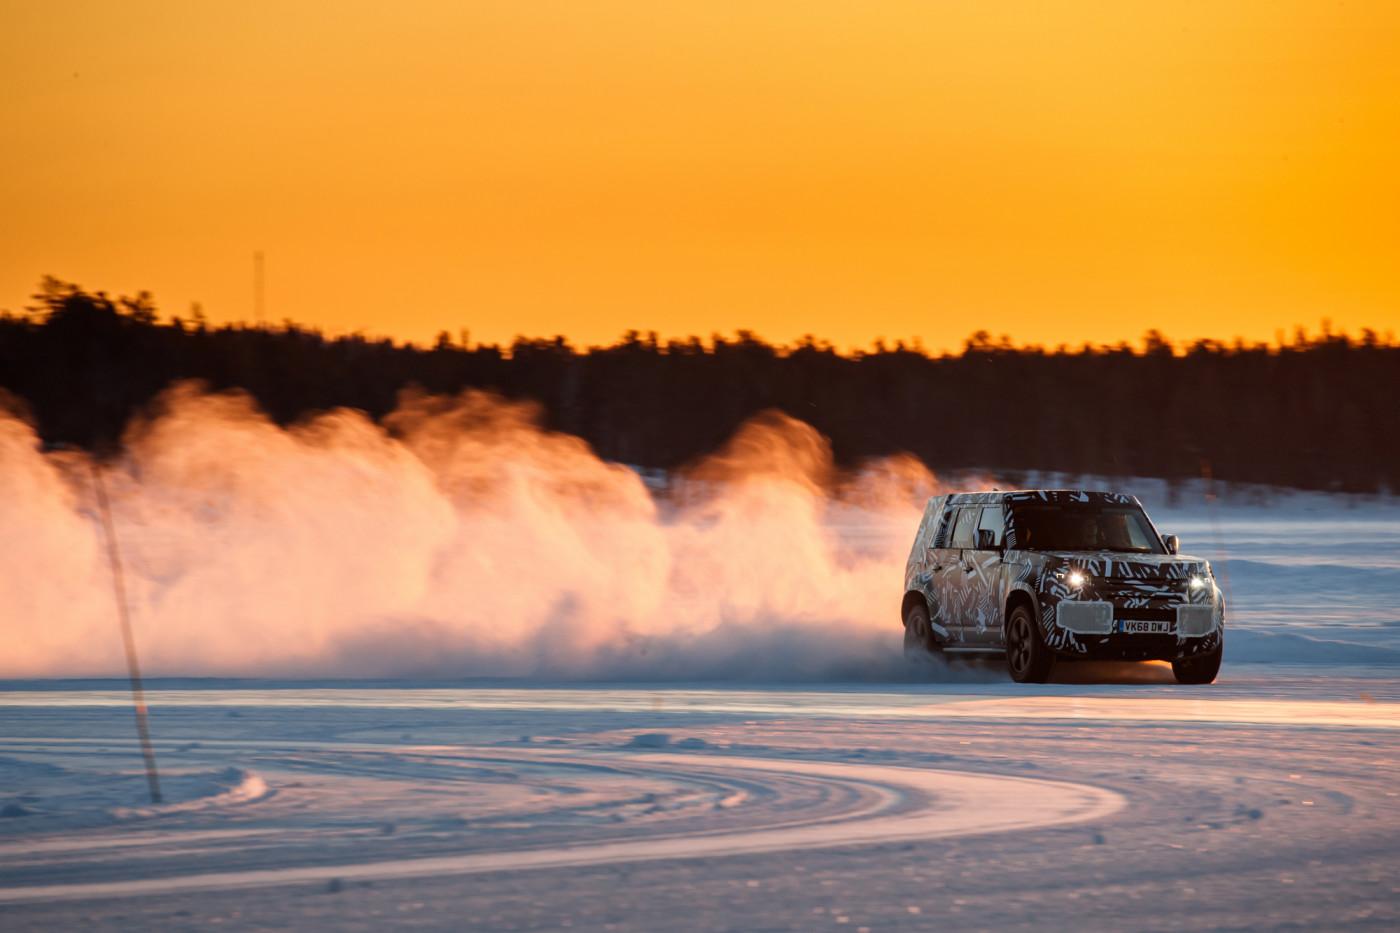 Oficial: Land Rover nos enseña el nuevo Defender en su hábitat natural, lo veremos este año